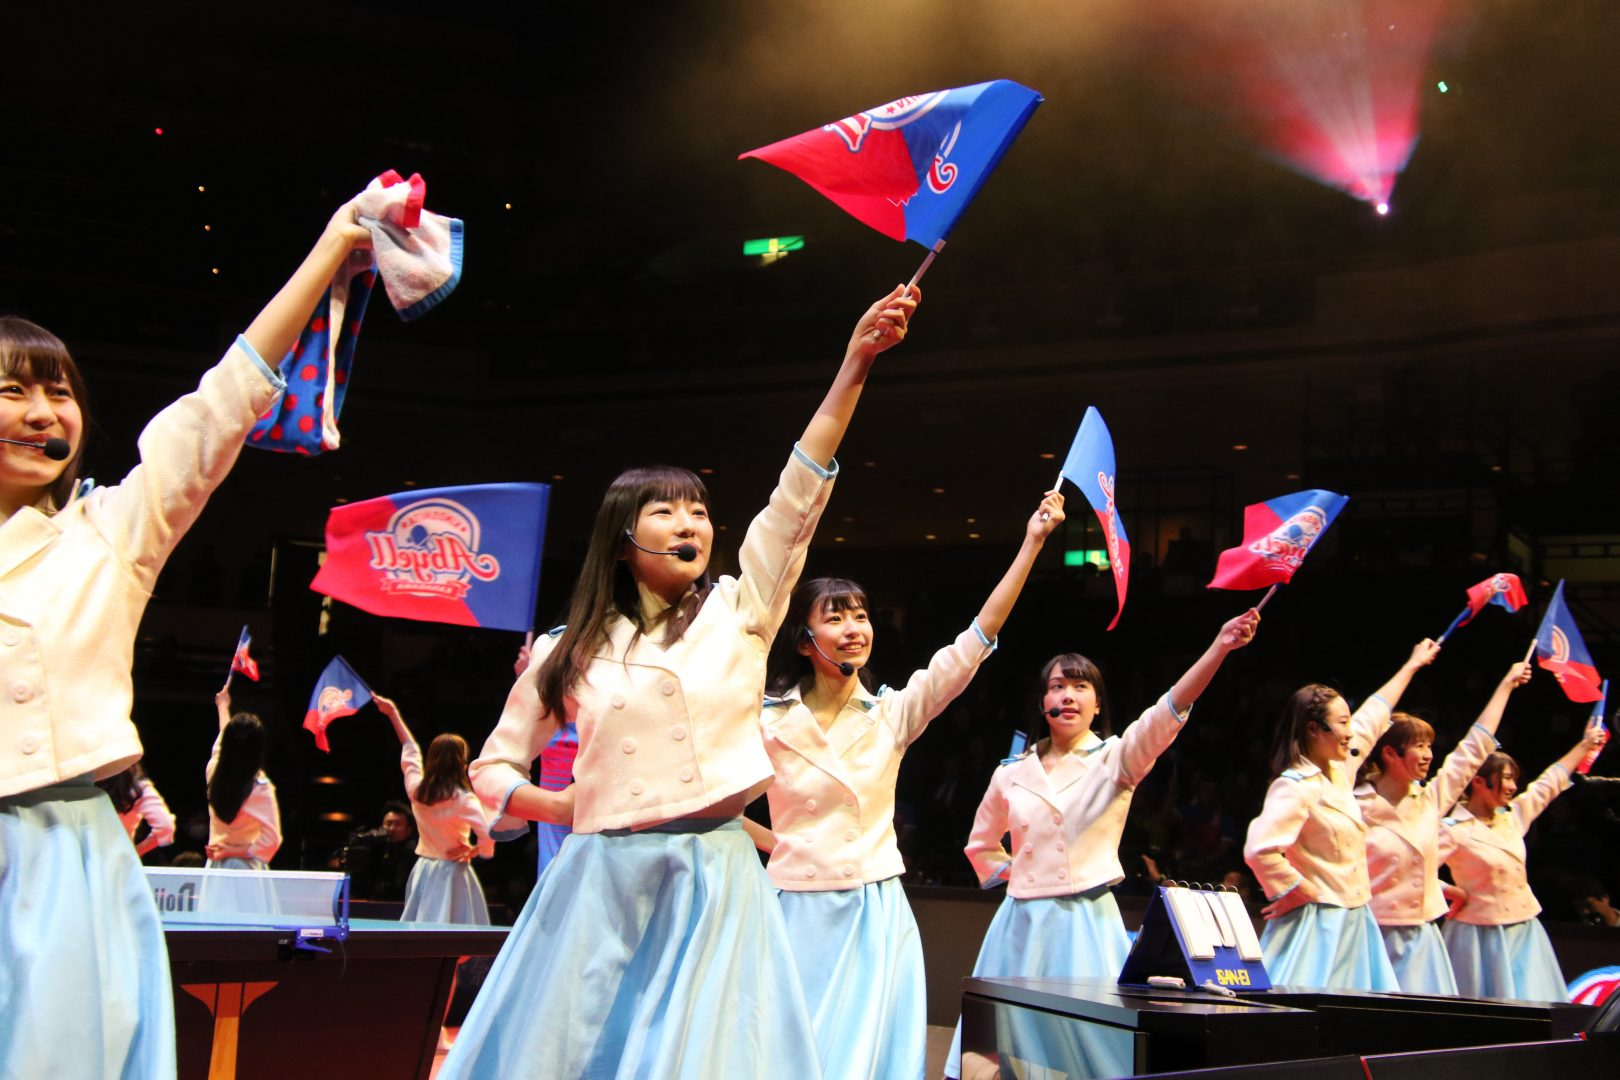 【卓球】女子大生アイドル「カレッジ・コスモス」 Tリーグファイナルをデビュー曲で応援